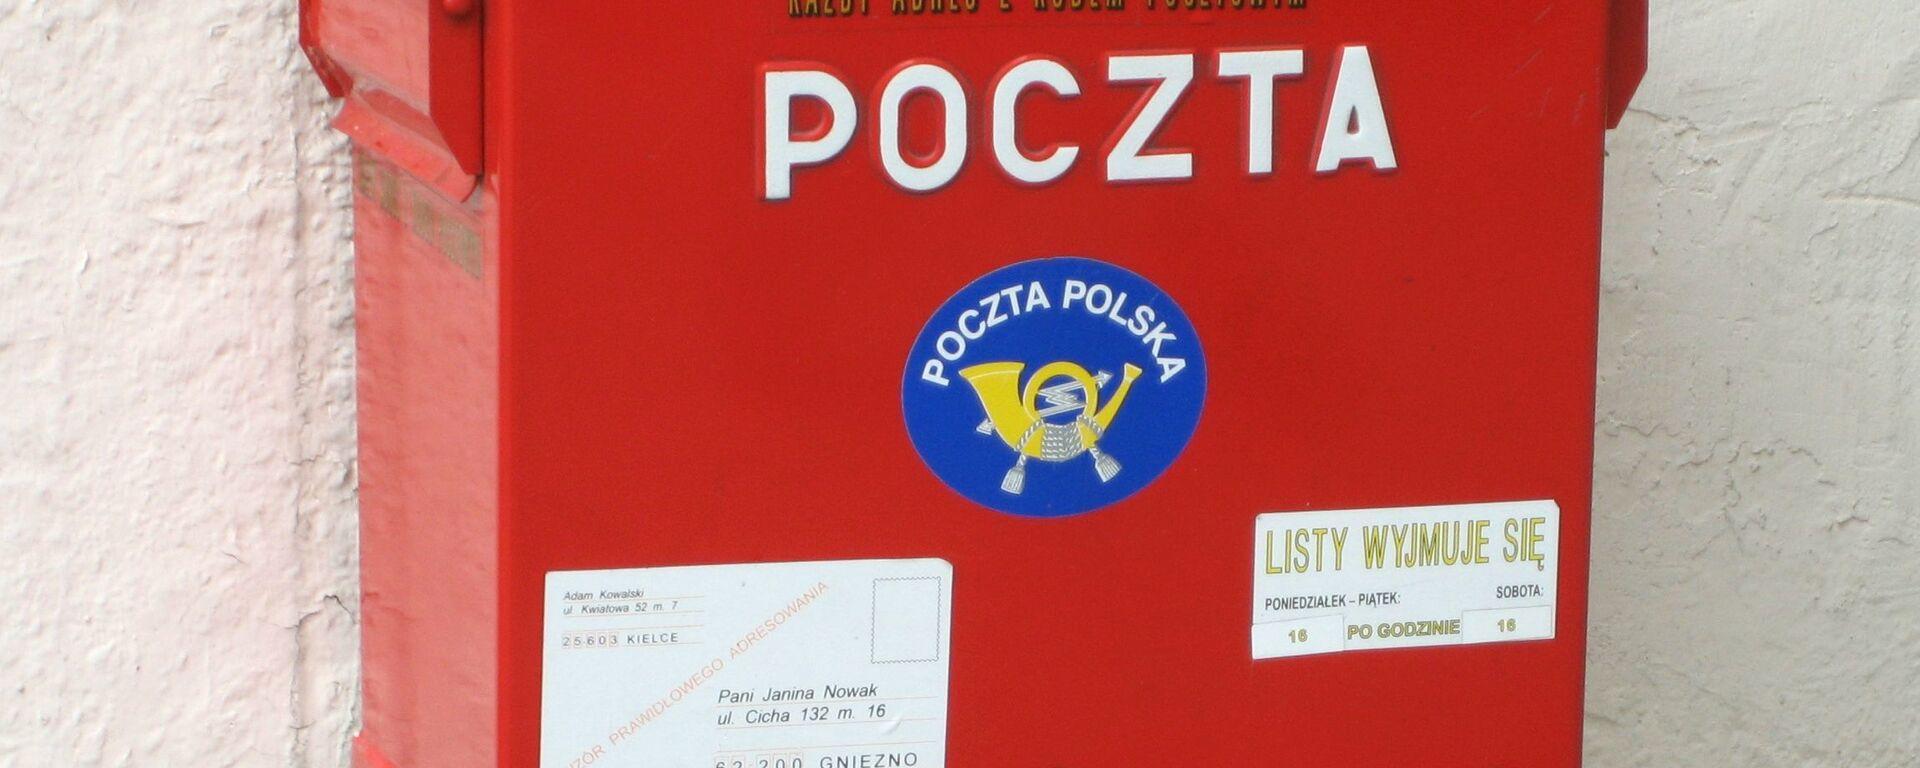 Skrzynka pocztowa Poczty Polskiej - Sputnik Polska, 1920, 20.05.2021